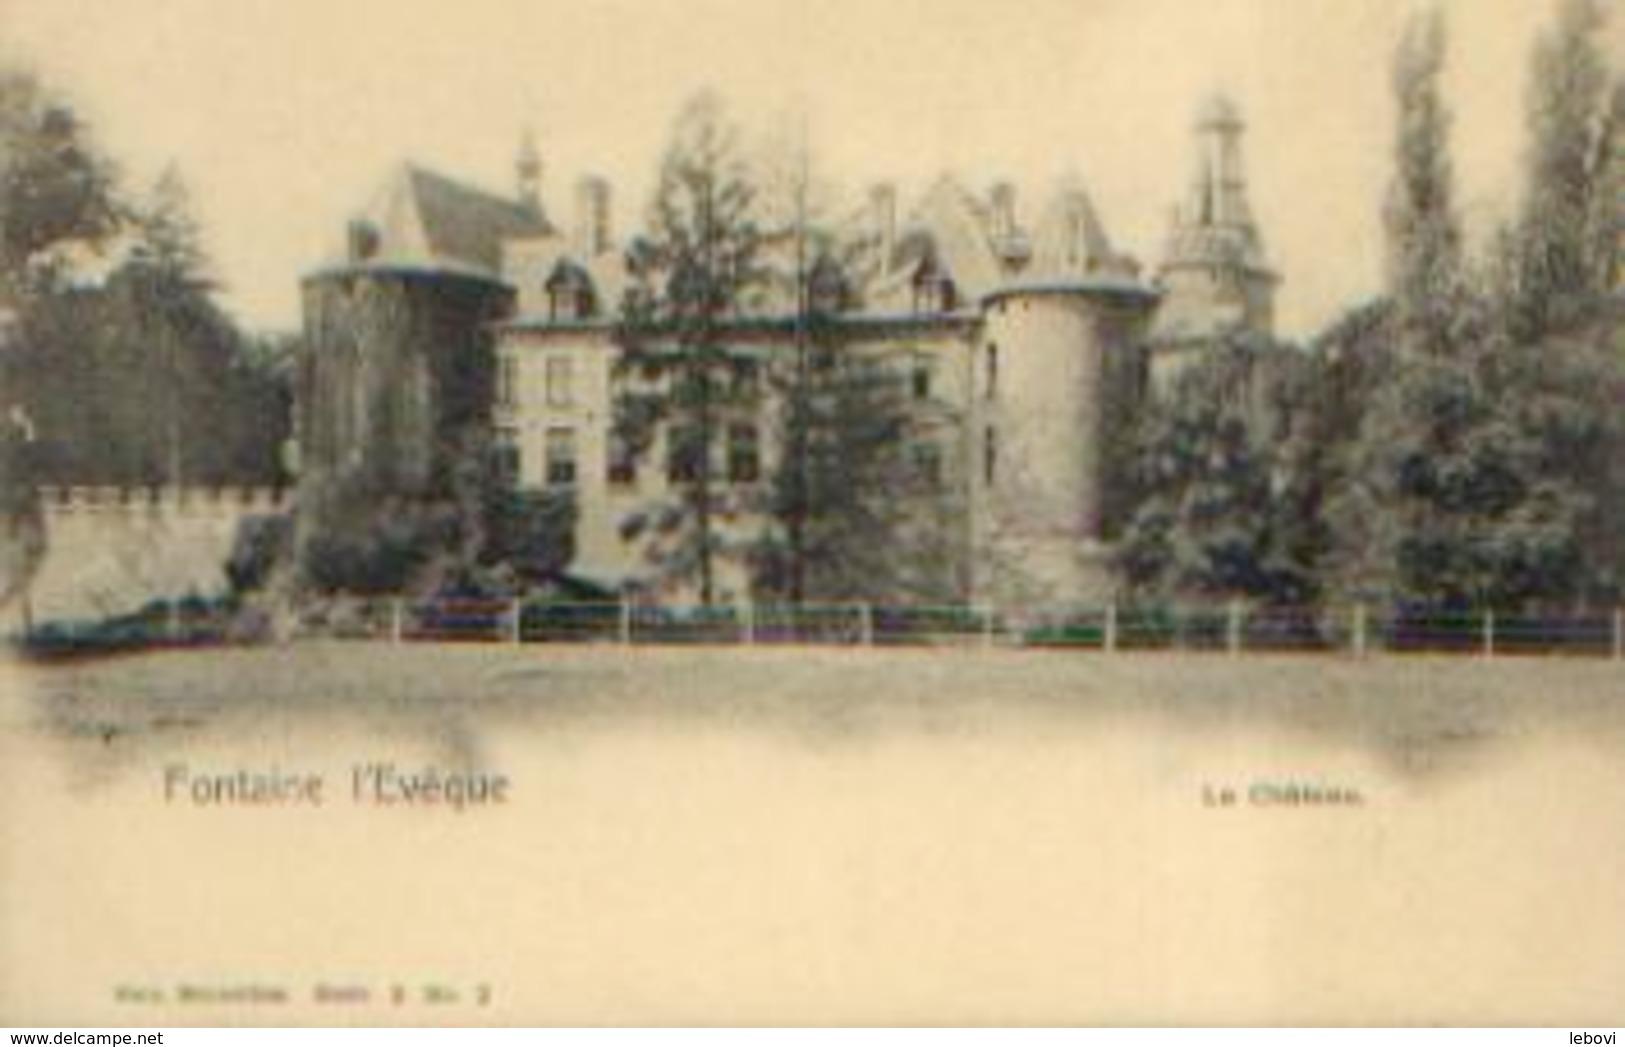 FONTAINE L'EVÊQUE « Le Château » - NELS Série 3, N° 2 - Fontaine-l'Evêque